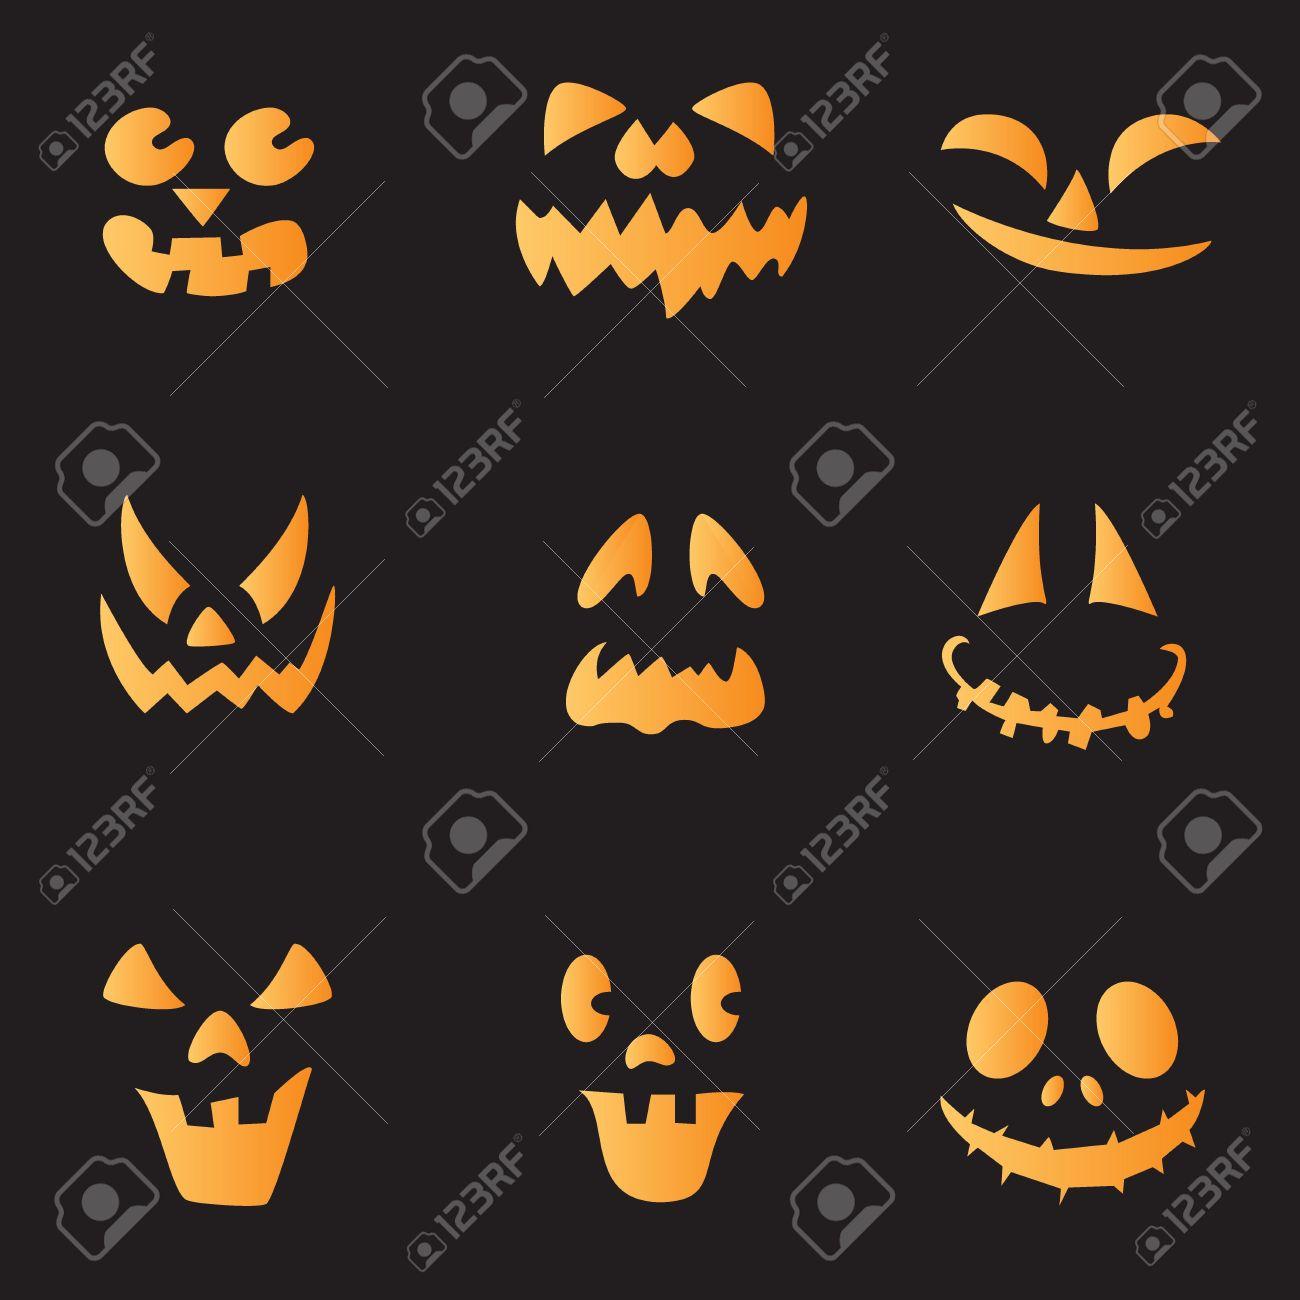 scary faces of halloween pumpkin vector stock vector 16125526 - Halloween Scary Faces